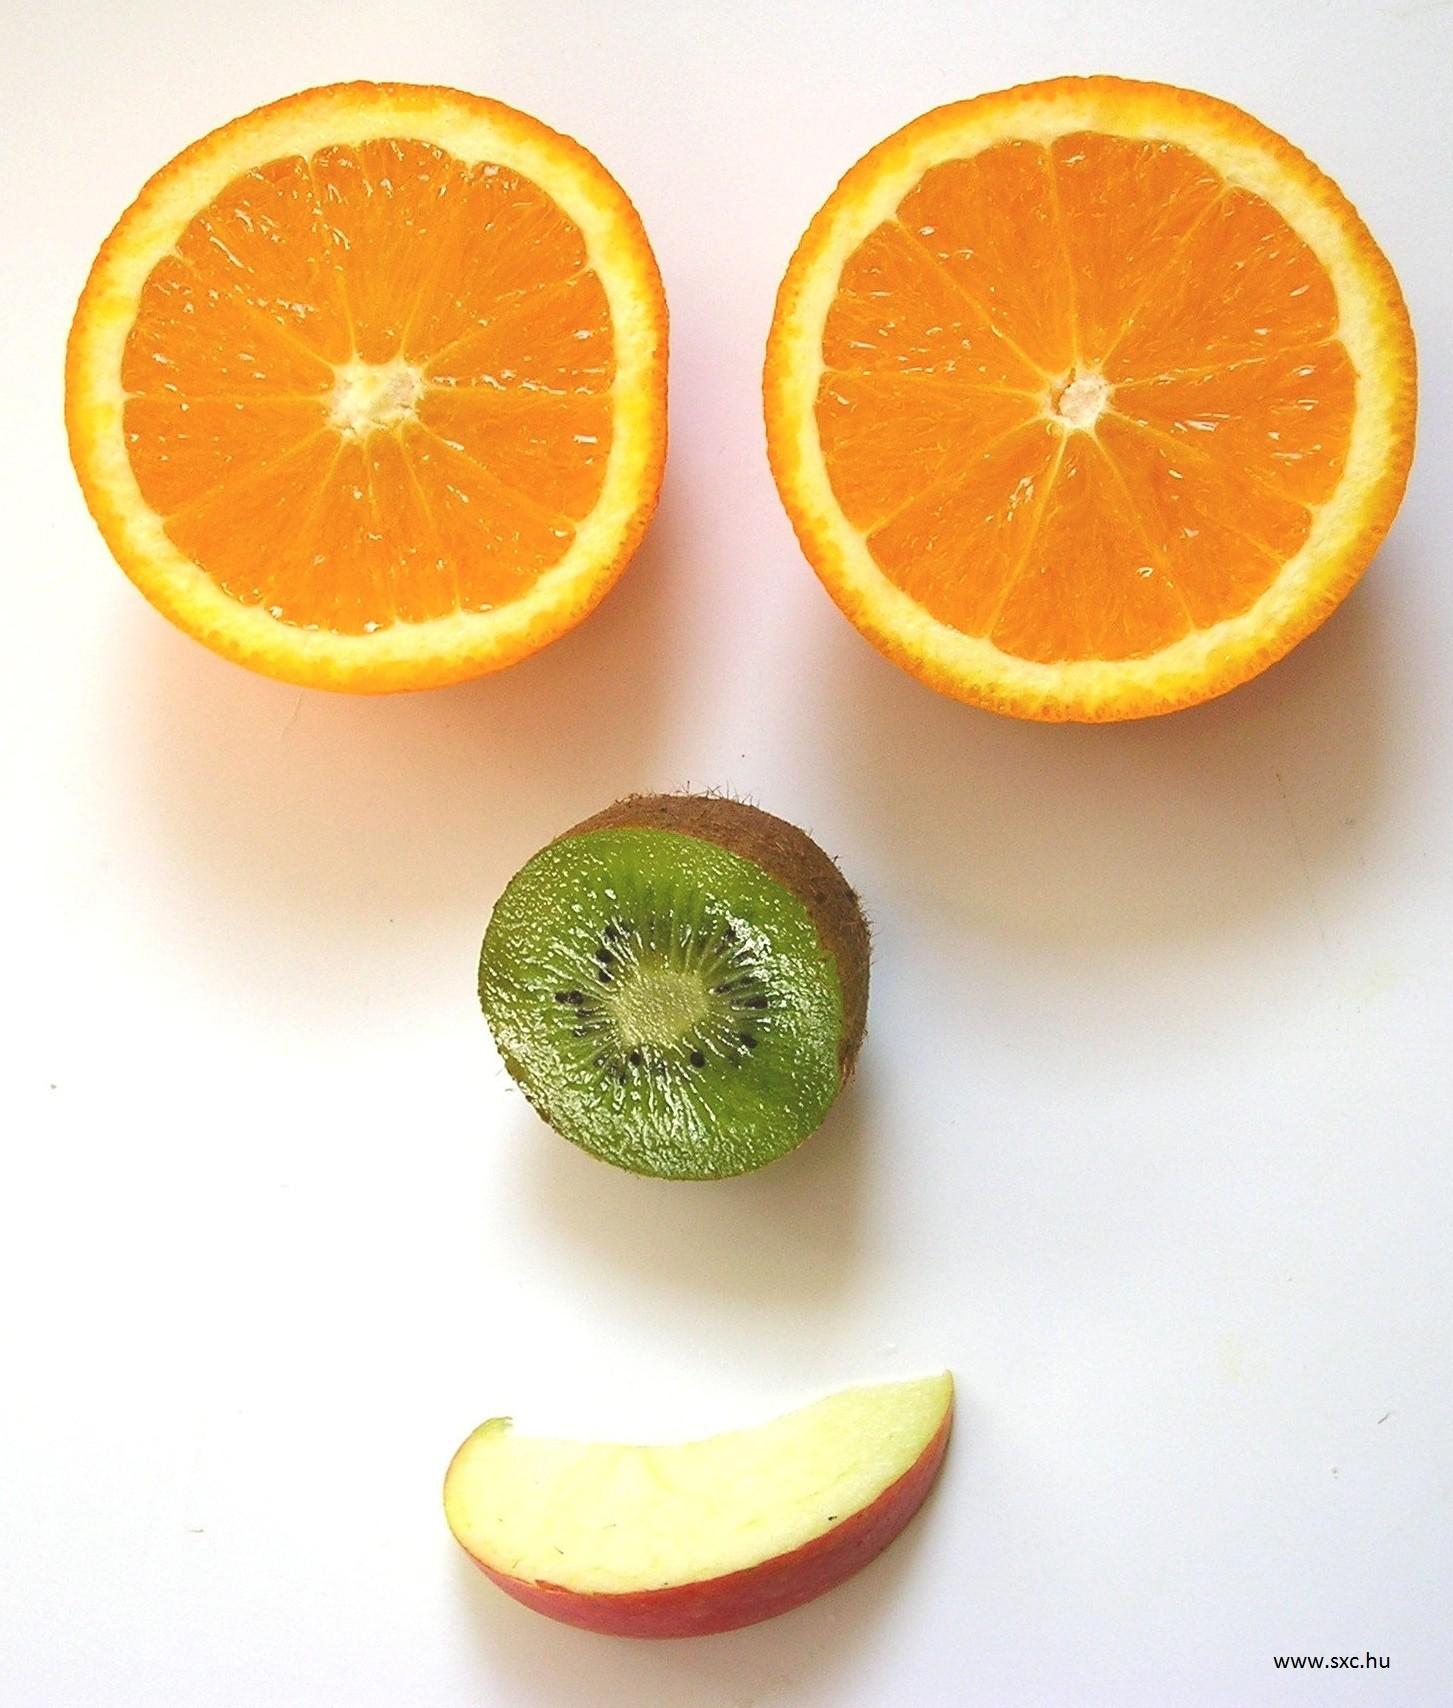 visage_fruits